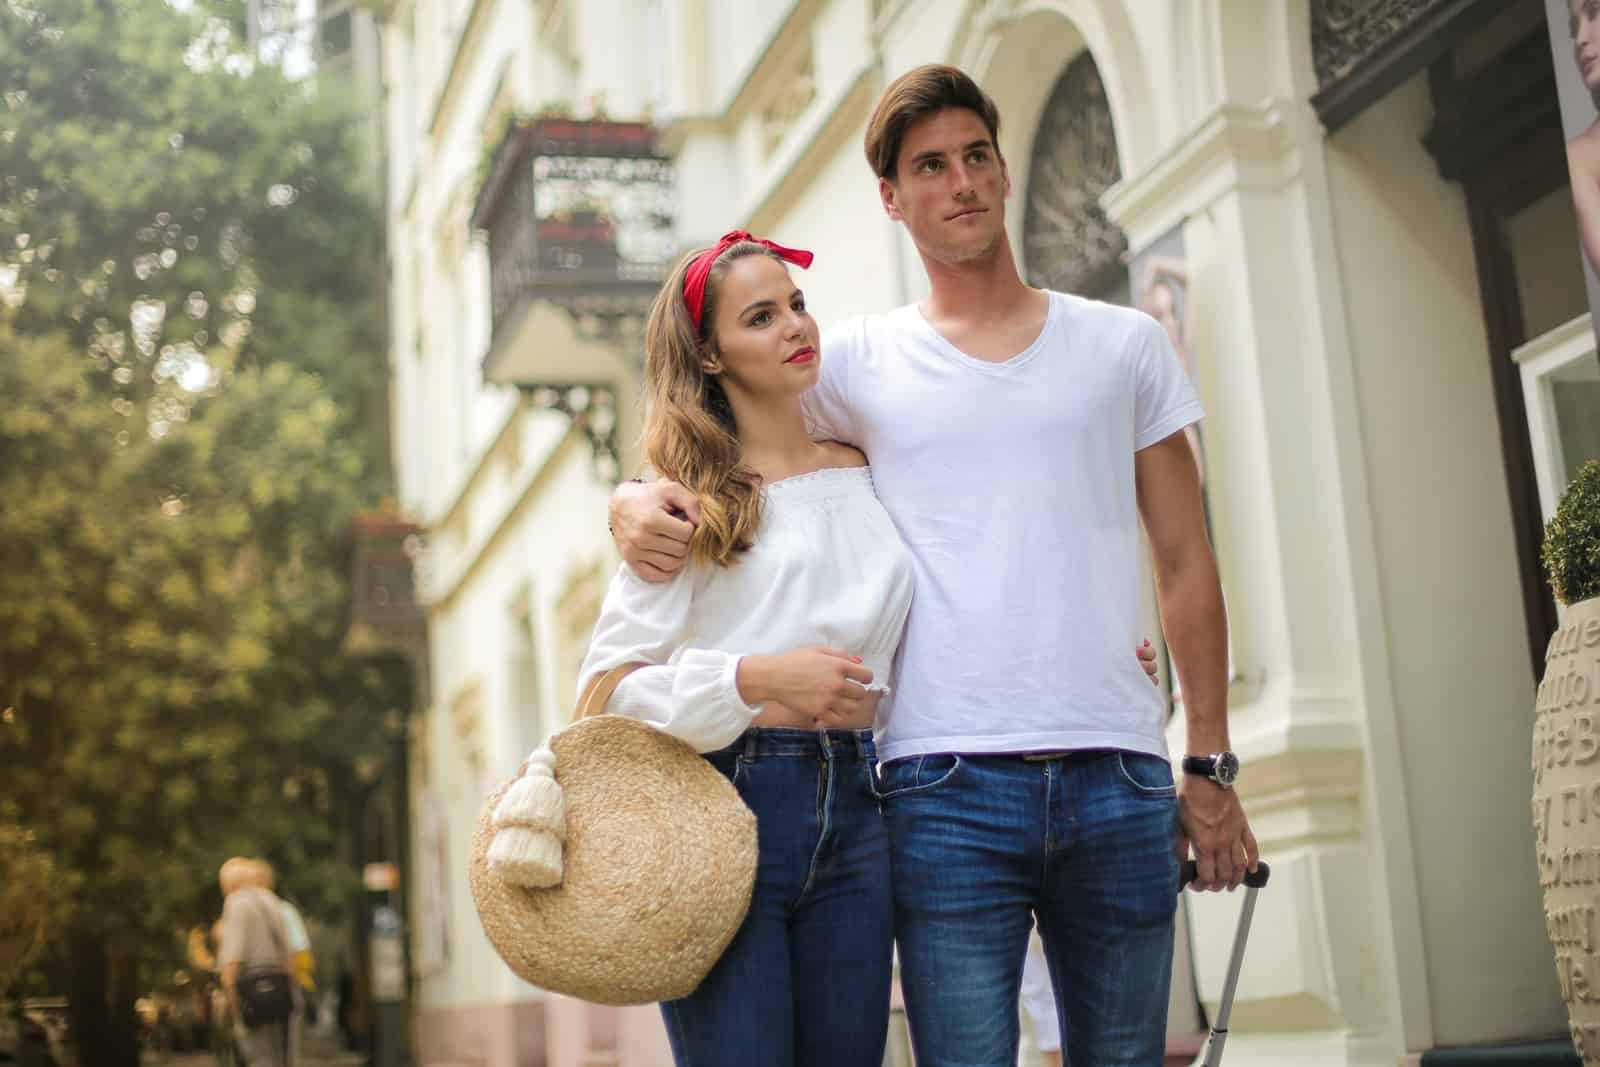 reisendes Paar mit Gepäck, das in der Stadt geht